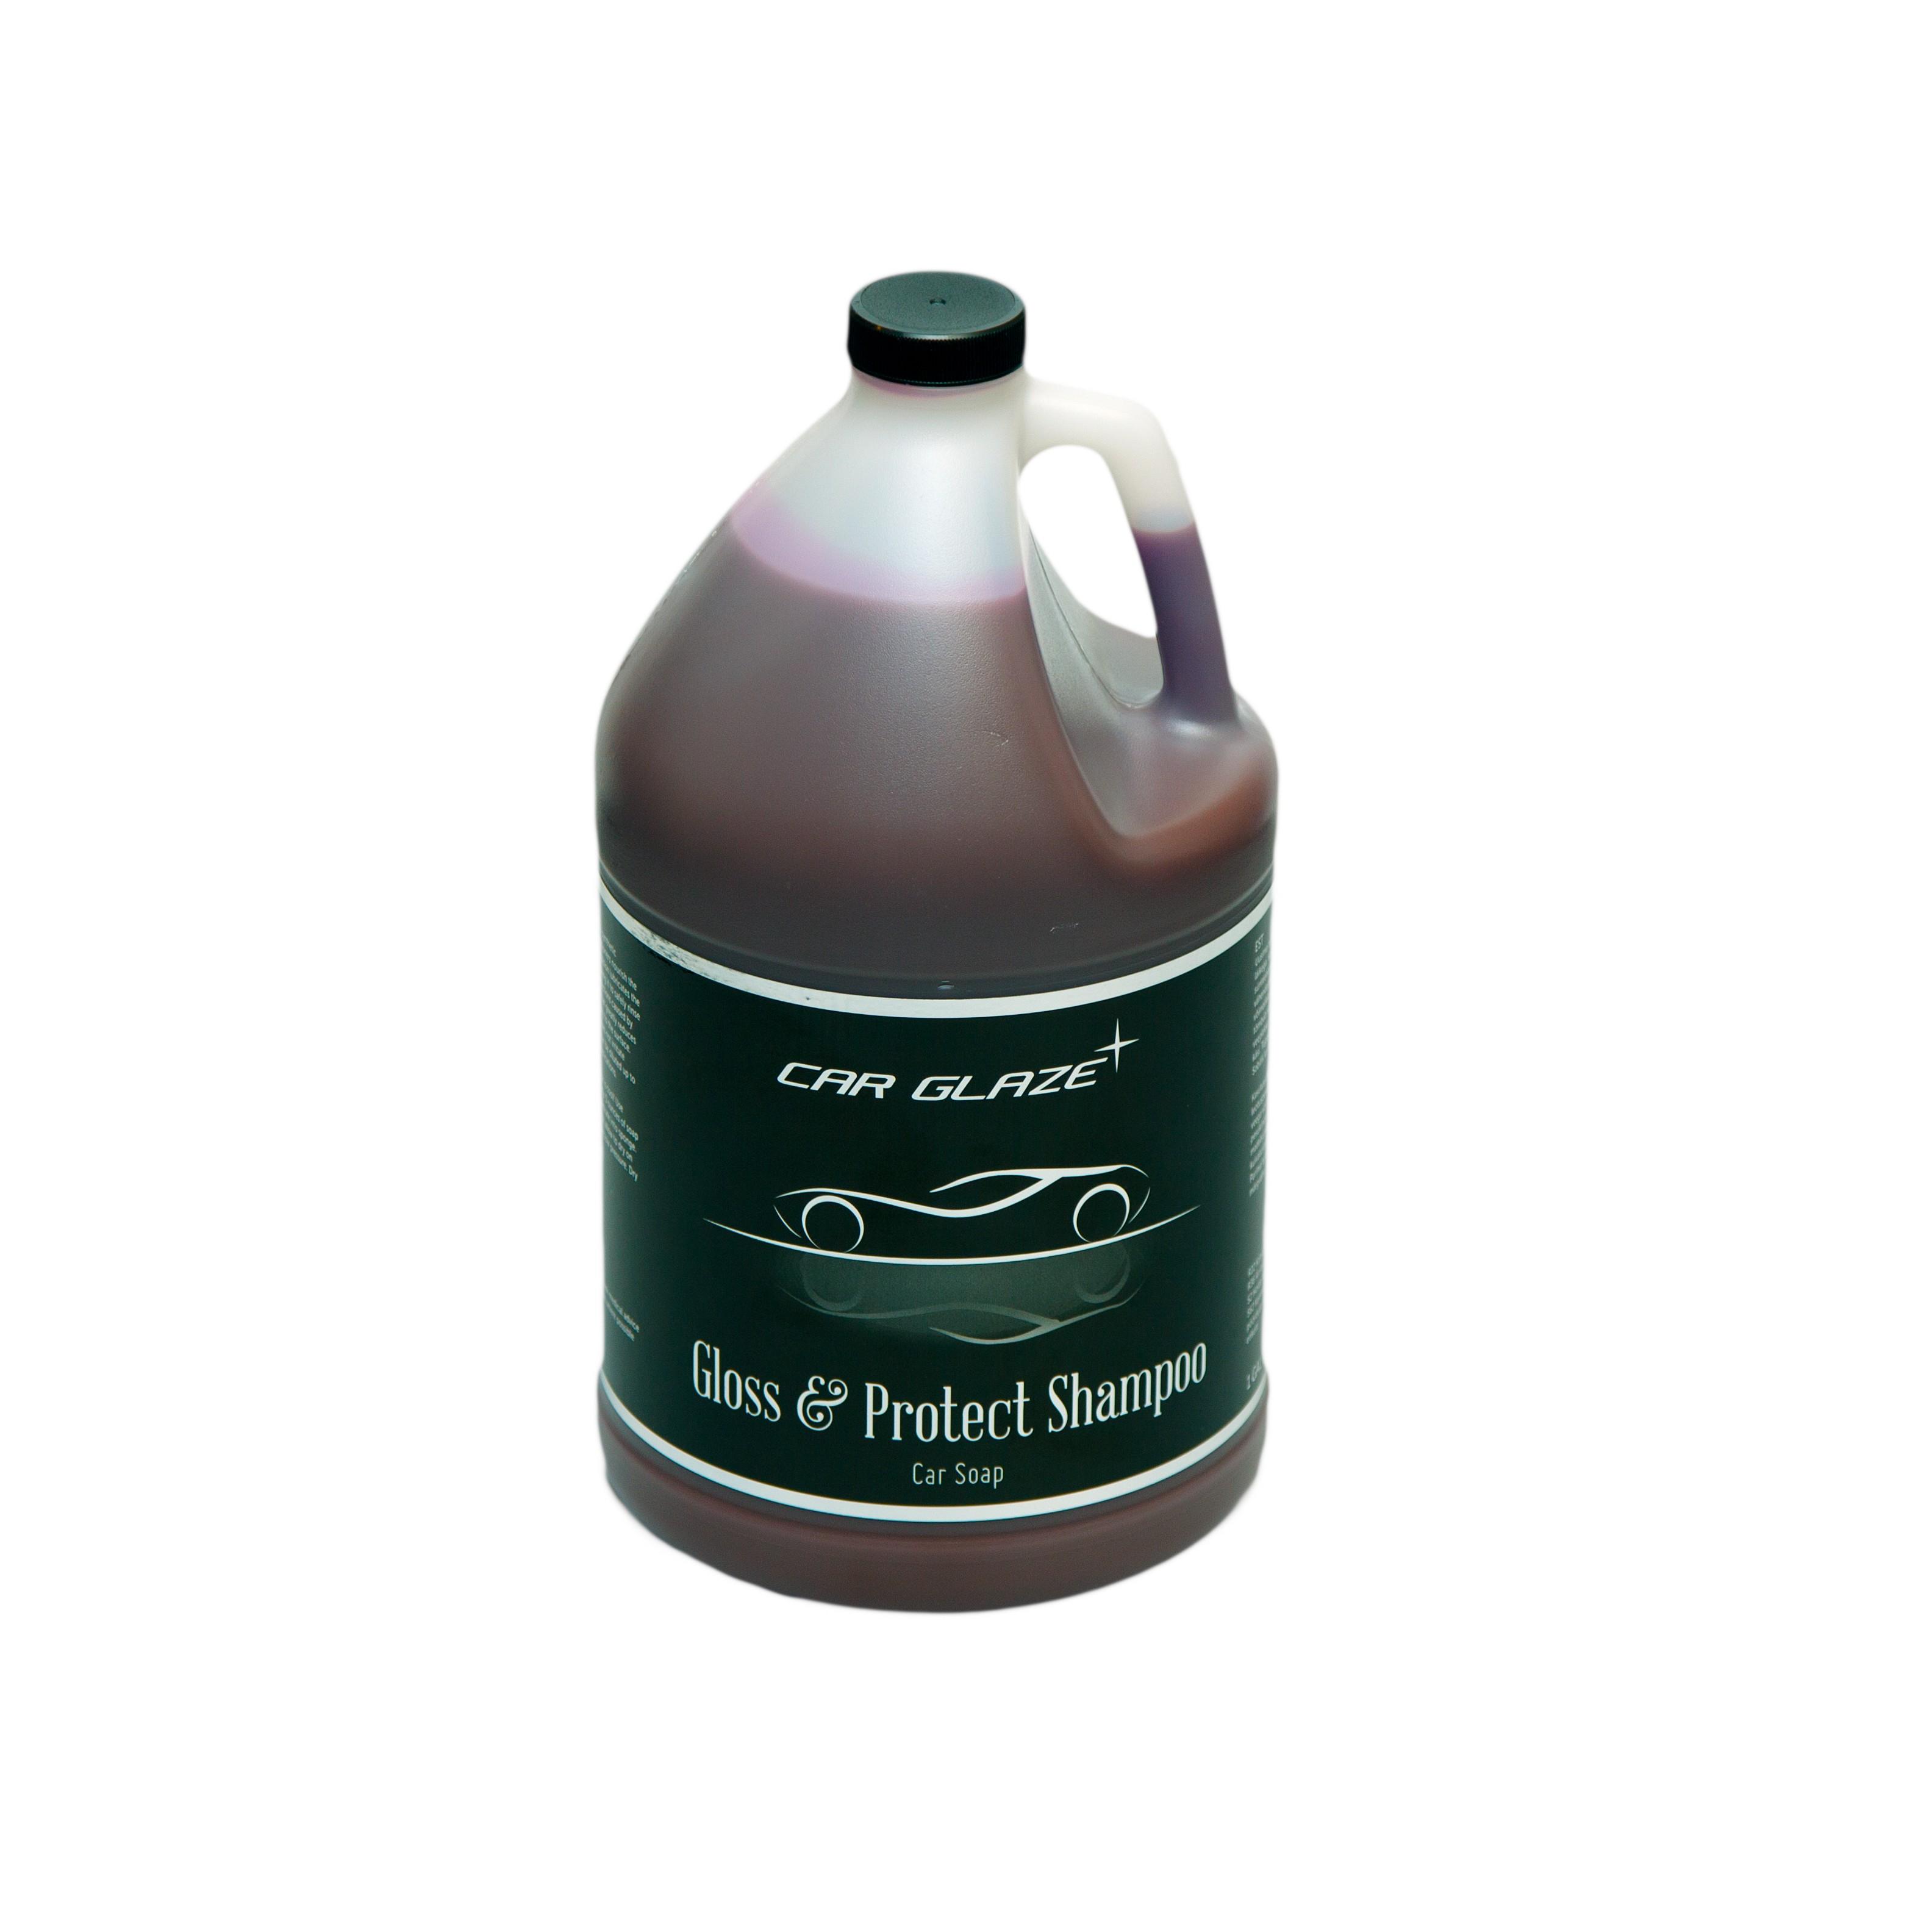 GLOSS & PROTECT SHAMPOO - Car Glaze - tugevatoimeline vahashampoon - vahašampoon